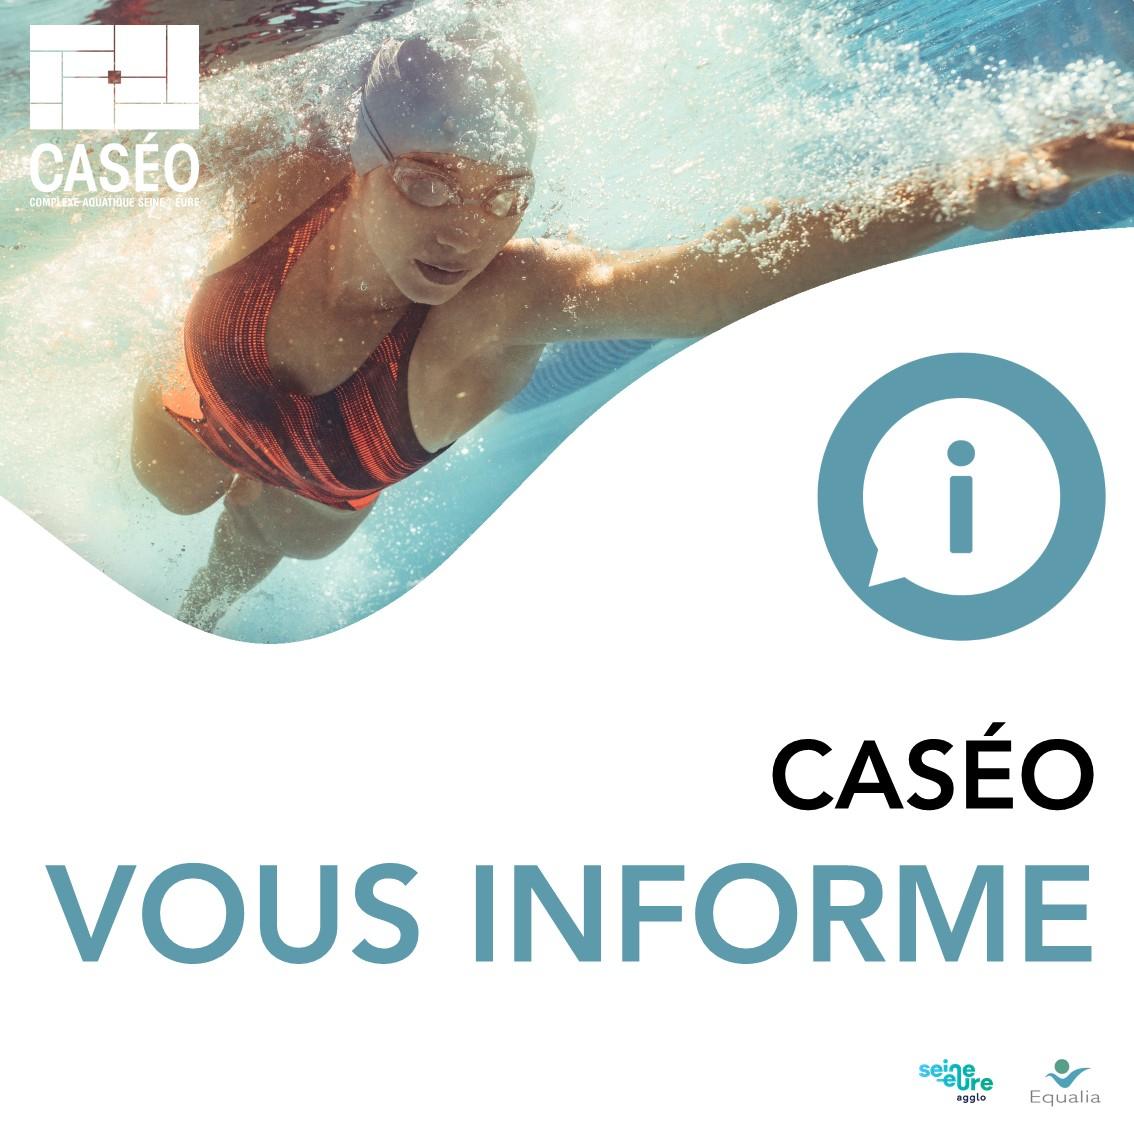 Caséo : Piscine & Complexe Aquatique Sein / Eure - Accueil à Piscine Louviers Horaire